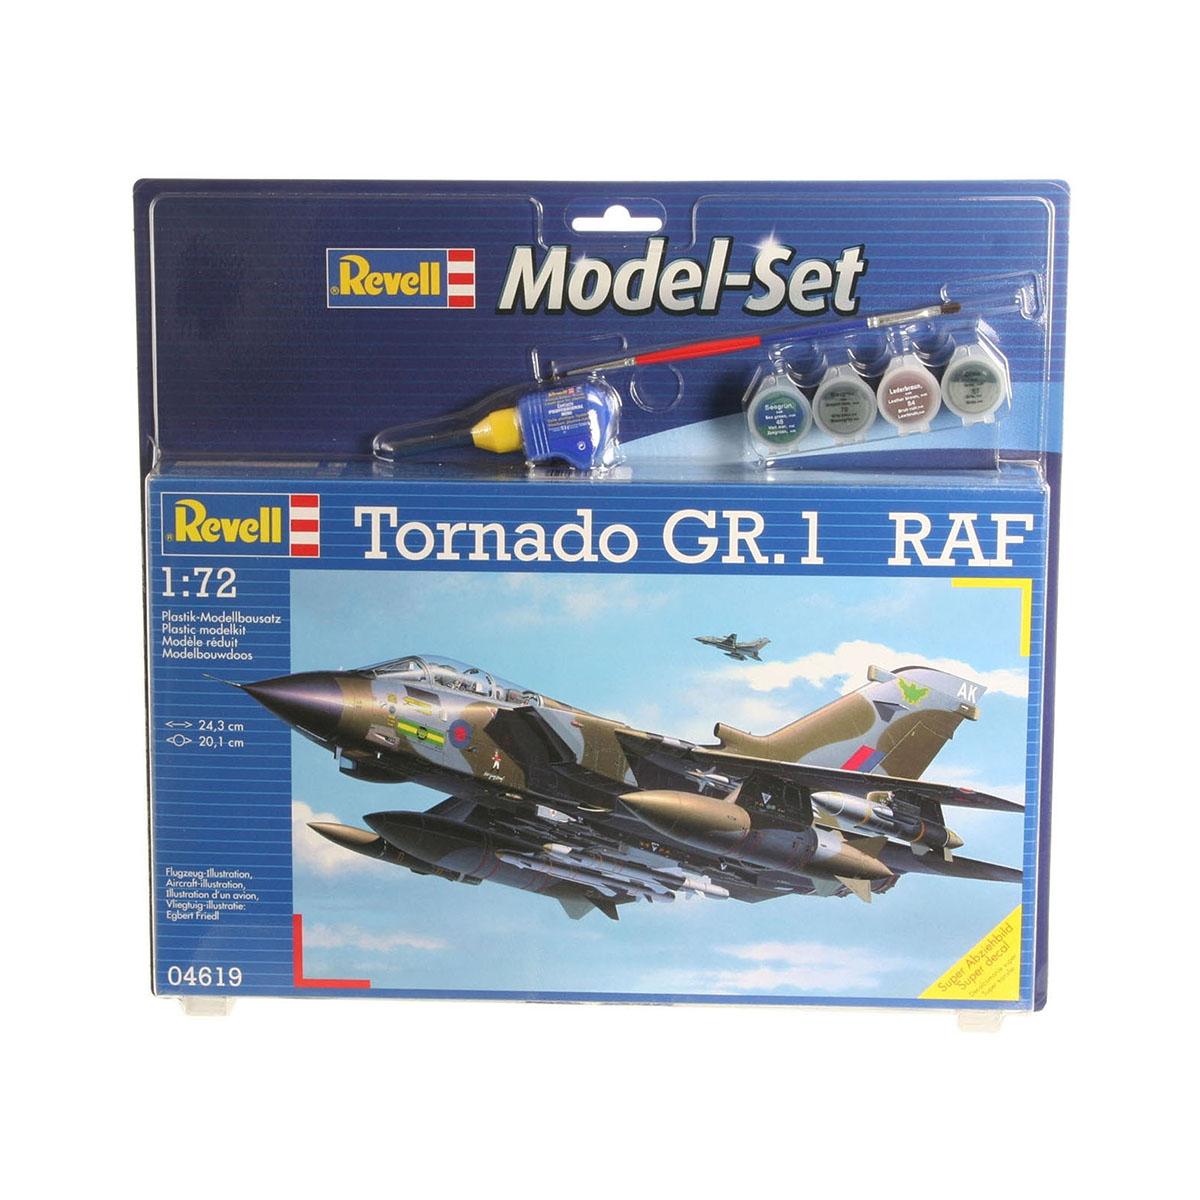 Model Set - maquette - Tornado GR.1 RAF